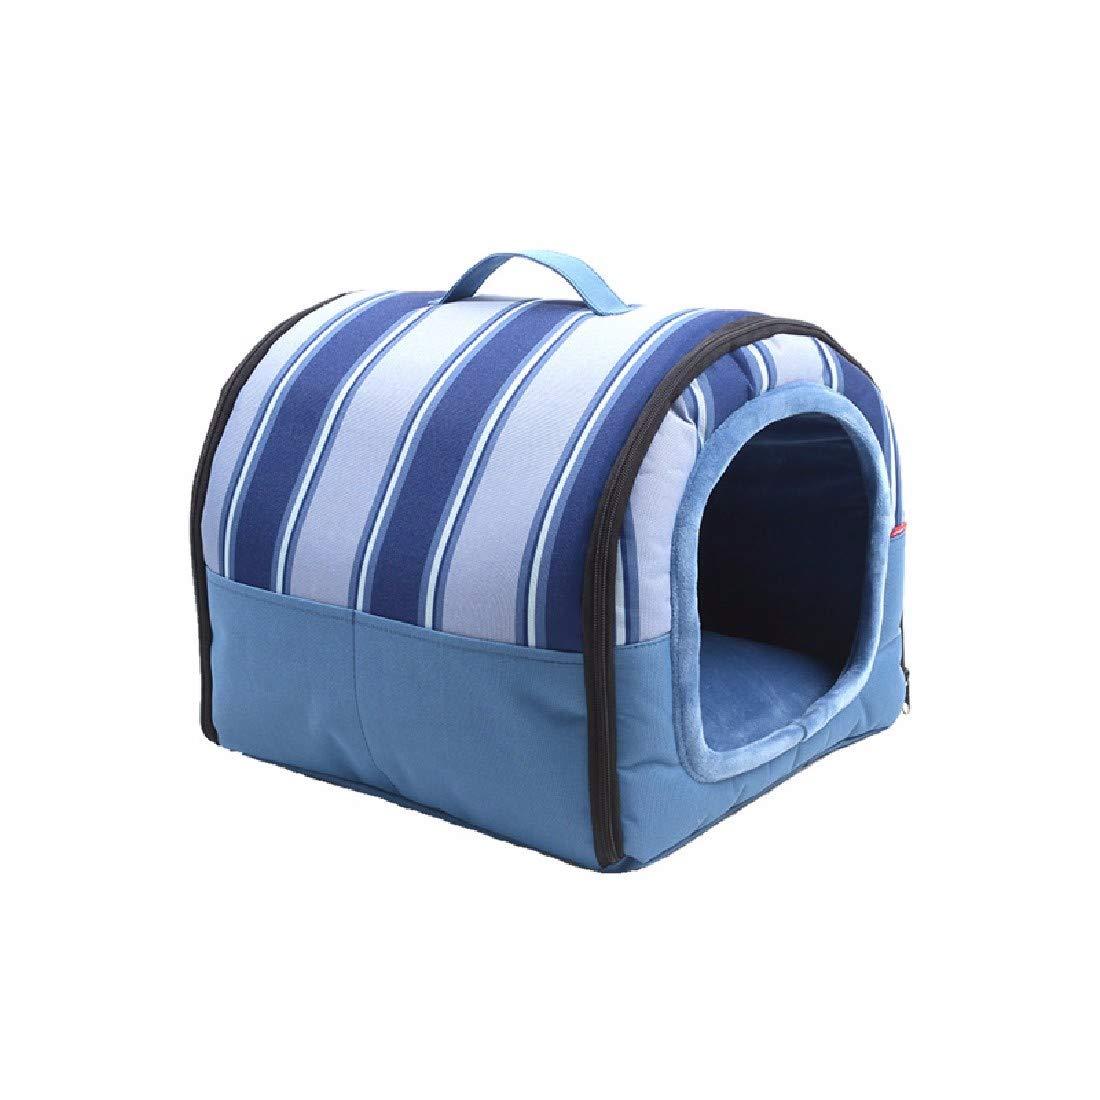 Casa dell'Animale Domestico Dog House Cani di Piccola Taglia Pet I Prodotti A Casa,M(48x35x40cm)